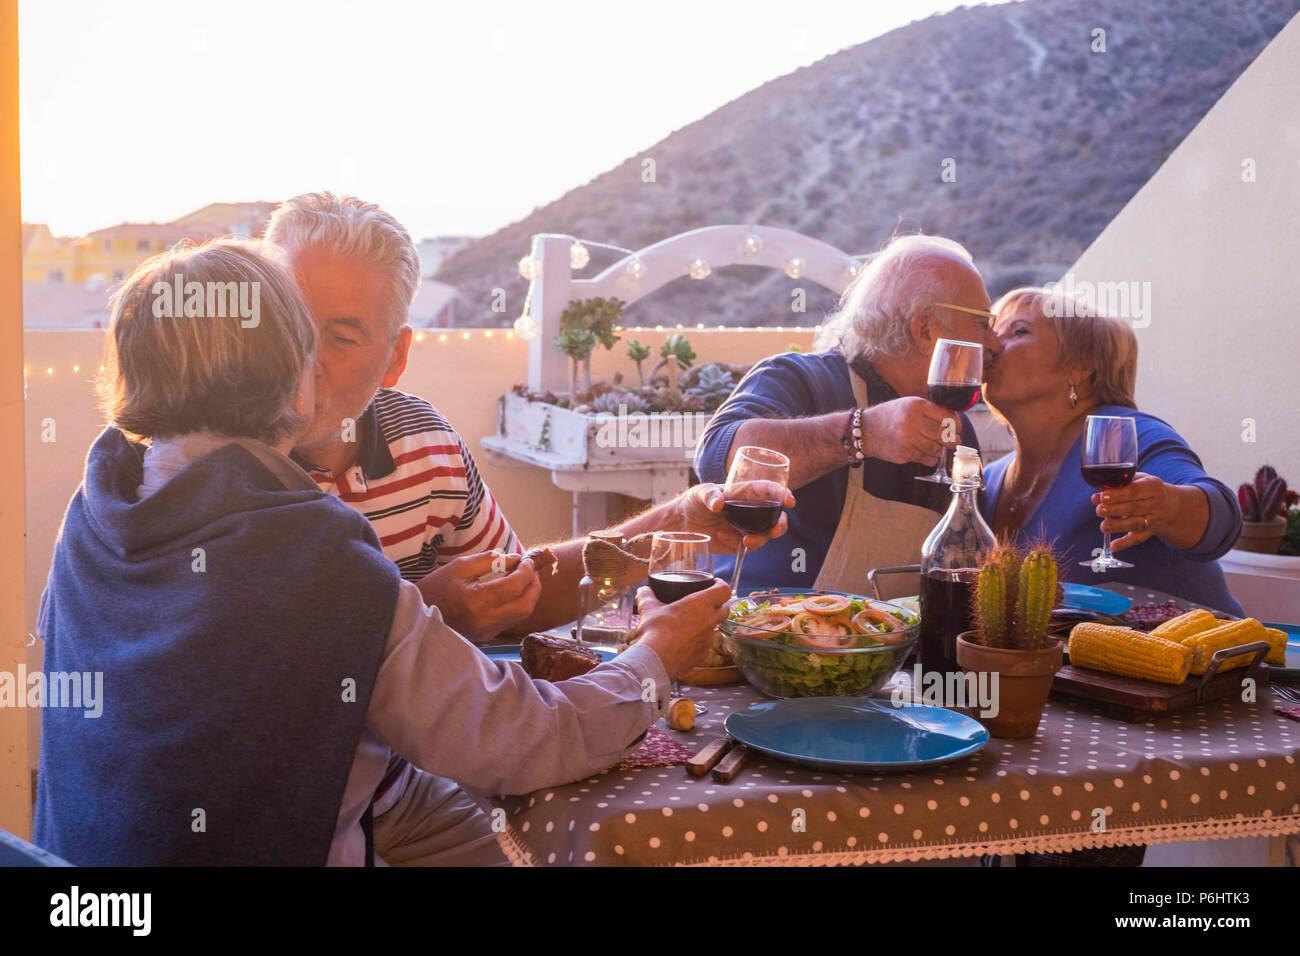 Bonito grupo de personas adultas del Cáucaso en la felicidad permanecer juntos para cenar al aire libre en la terraza. El amor y la amistad, concepto v con impresionantes vistas. Imagen De Stock